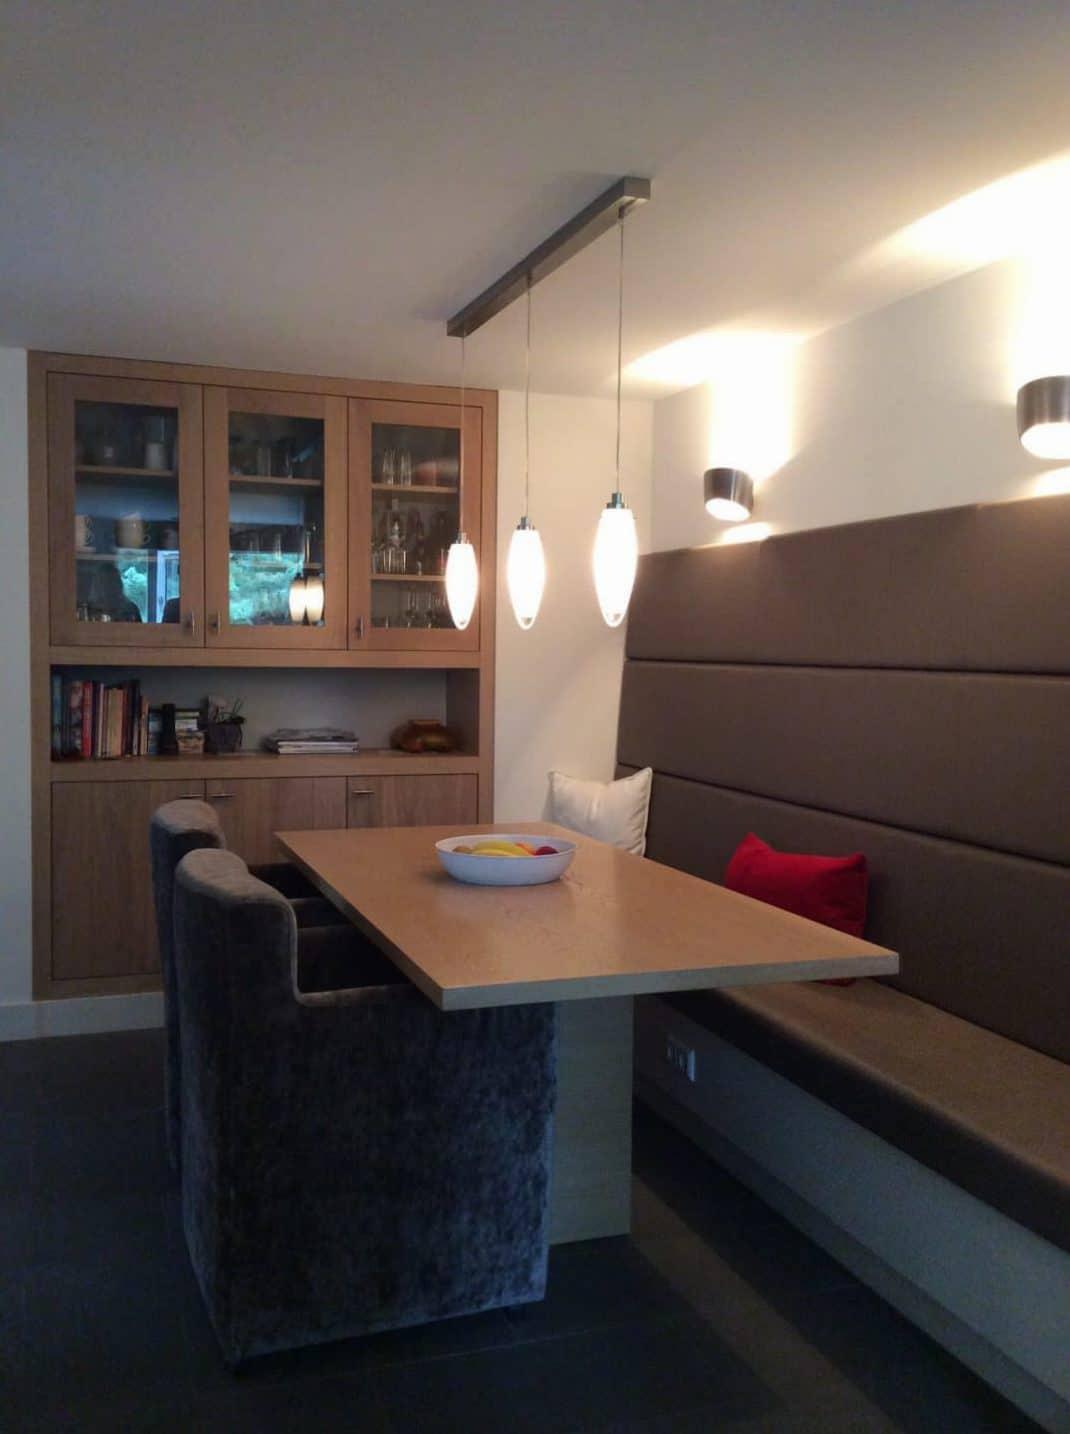 Eetplek keuken maatwerk kast, bank en tafel